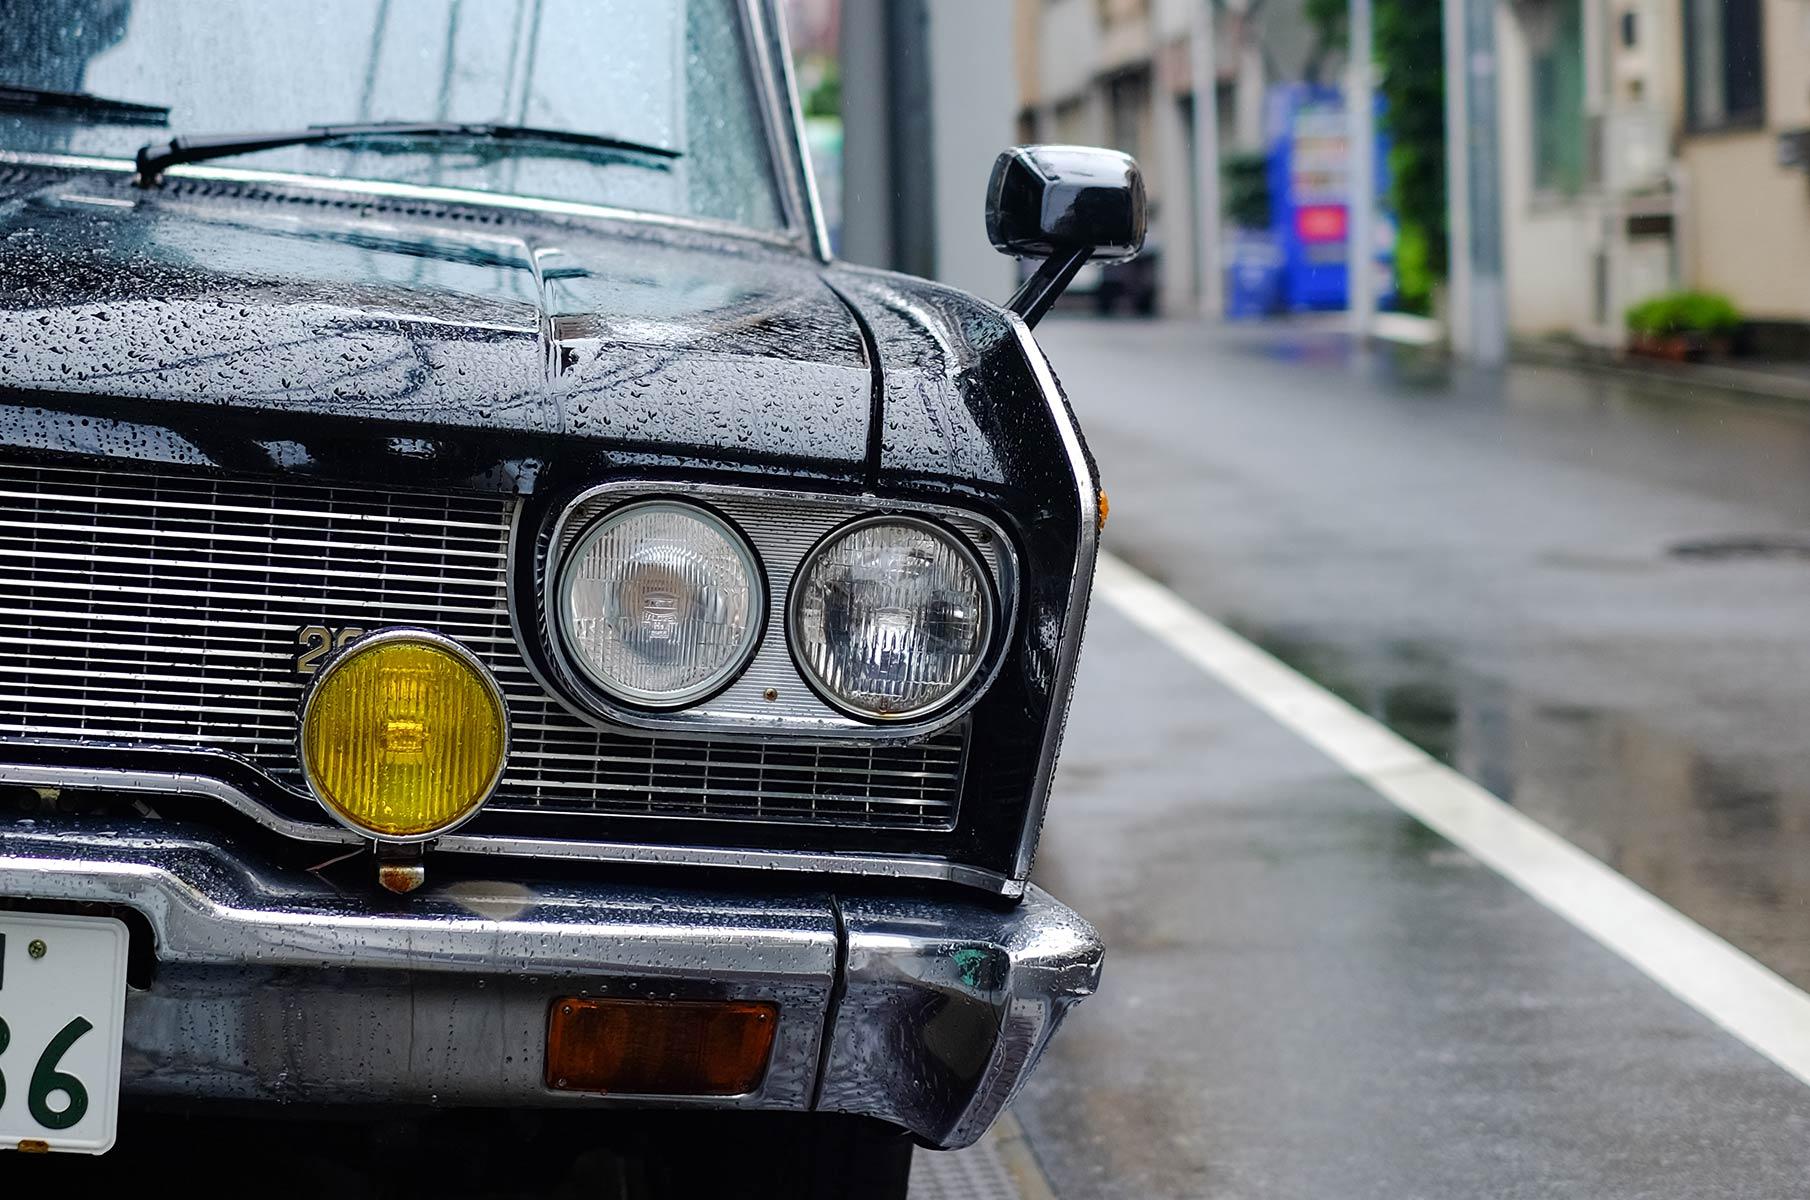 Historischer Toyota Oldtimer in Tokyo, Japan